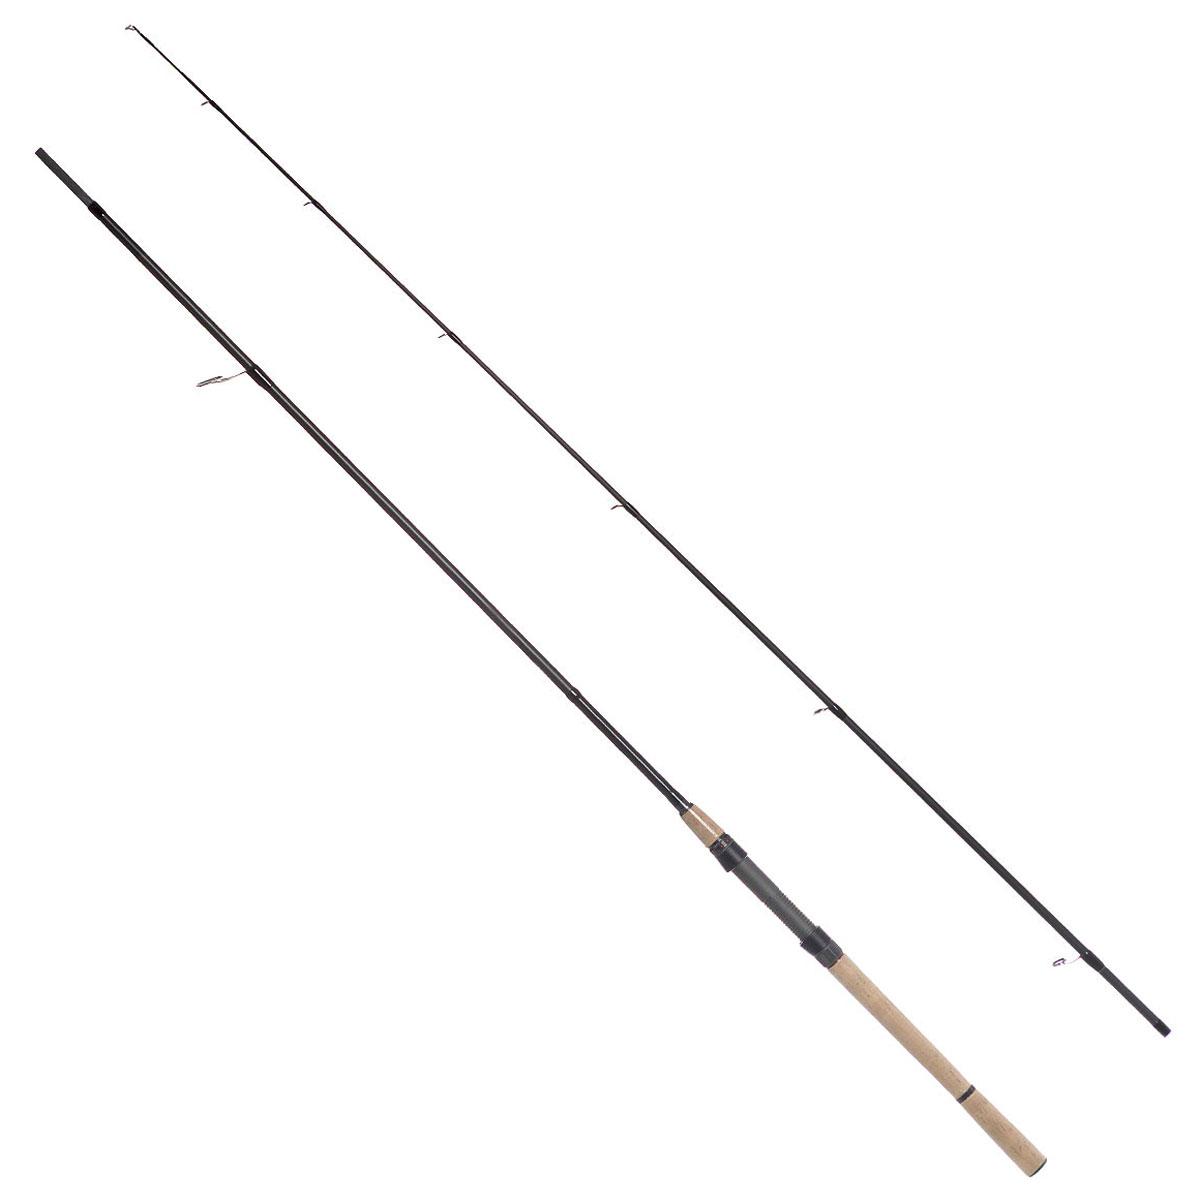 Спиннинг штекерный Daiwa Infinity-Q NEW Jigger, 2,40 м, 5-20 г спиннинг штекерный onlitop matrix 2 7 м 40 80 г